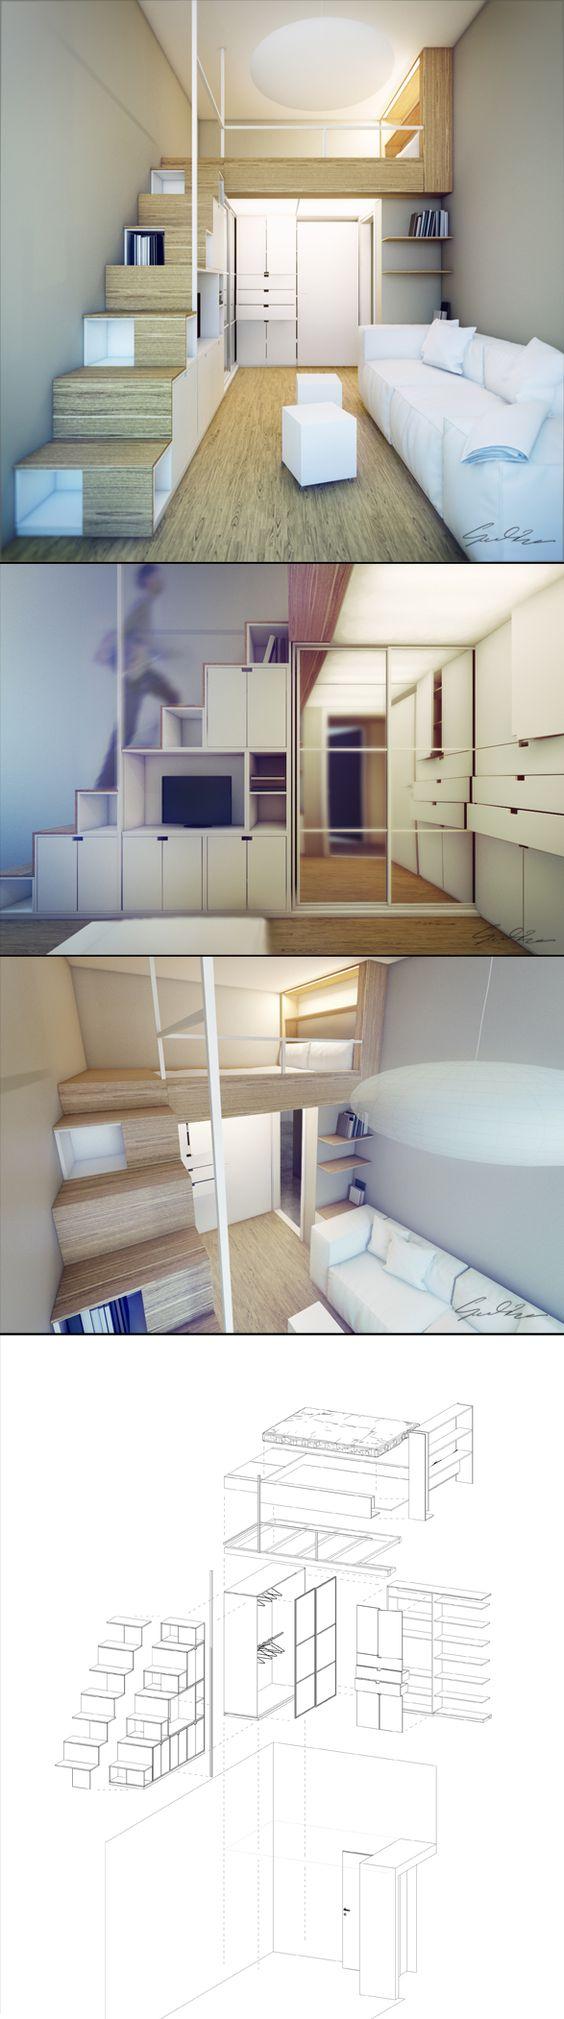 Mezzanine pour chambre c t rue rangement sous dans escalier facile d 39 y - Mezzanine pour studio ...